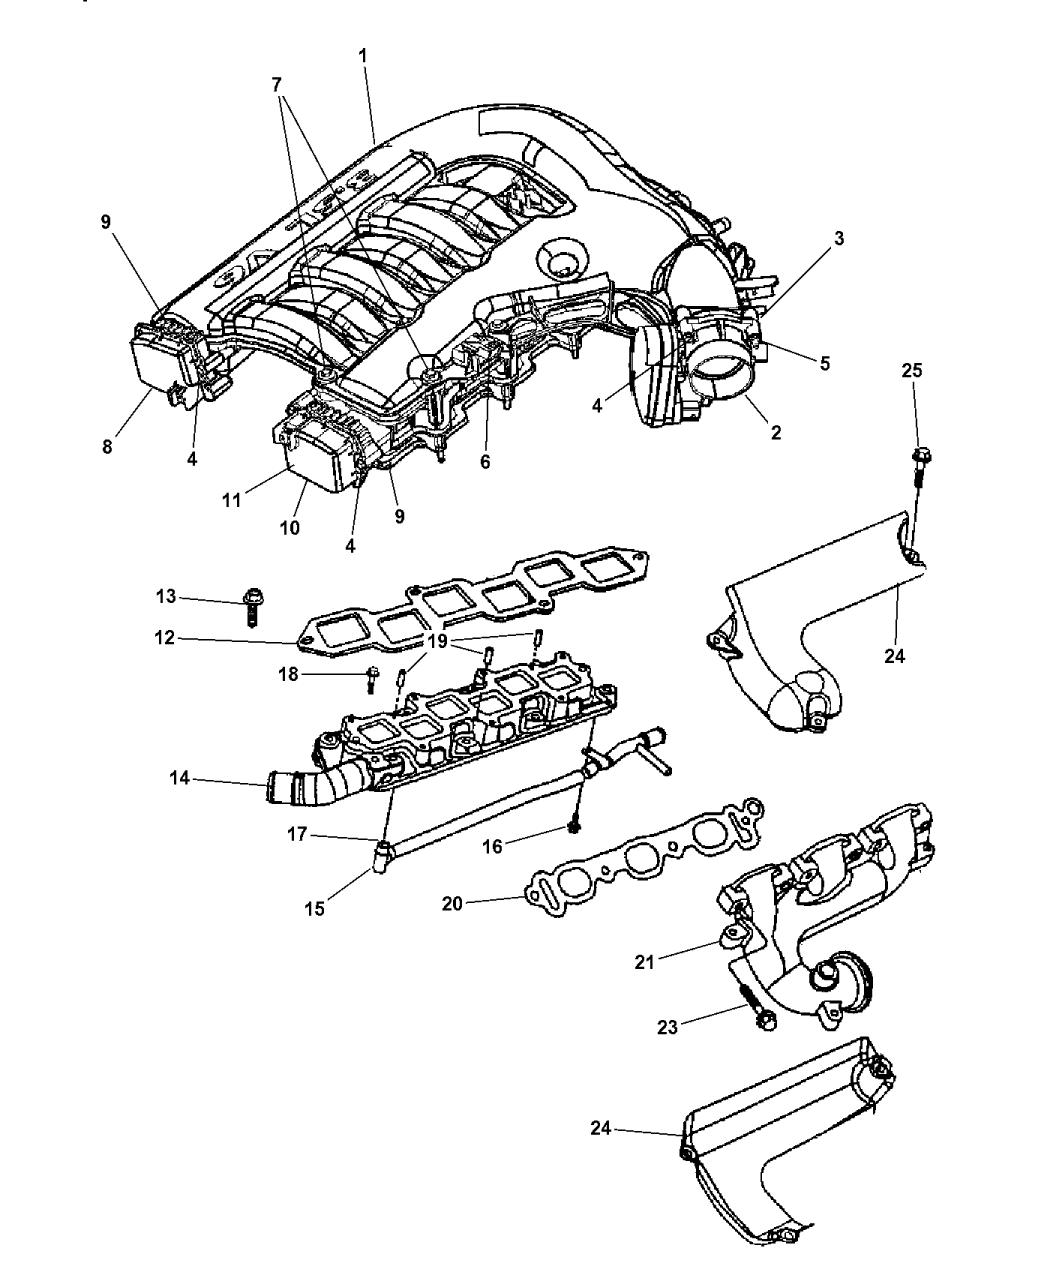 4591863ah genuine chrysler plenum intake manifold 2006 chrysler 300 relay diagram 2006 dodge magnum manifolds intake & exhaust